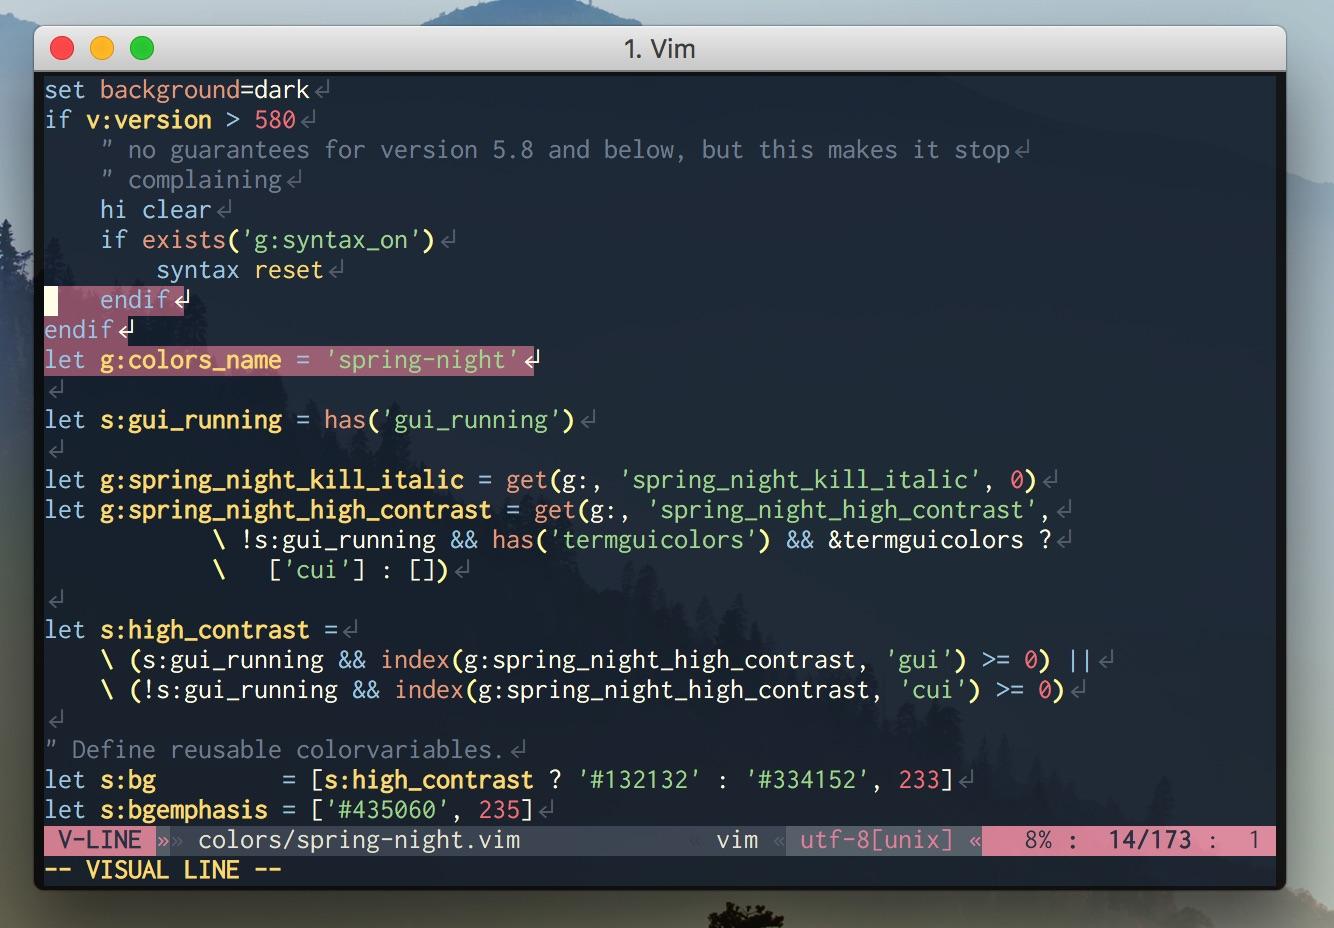 Vim script on Vim (24bit color)